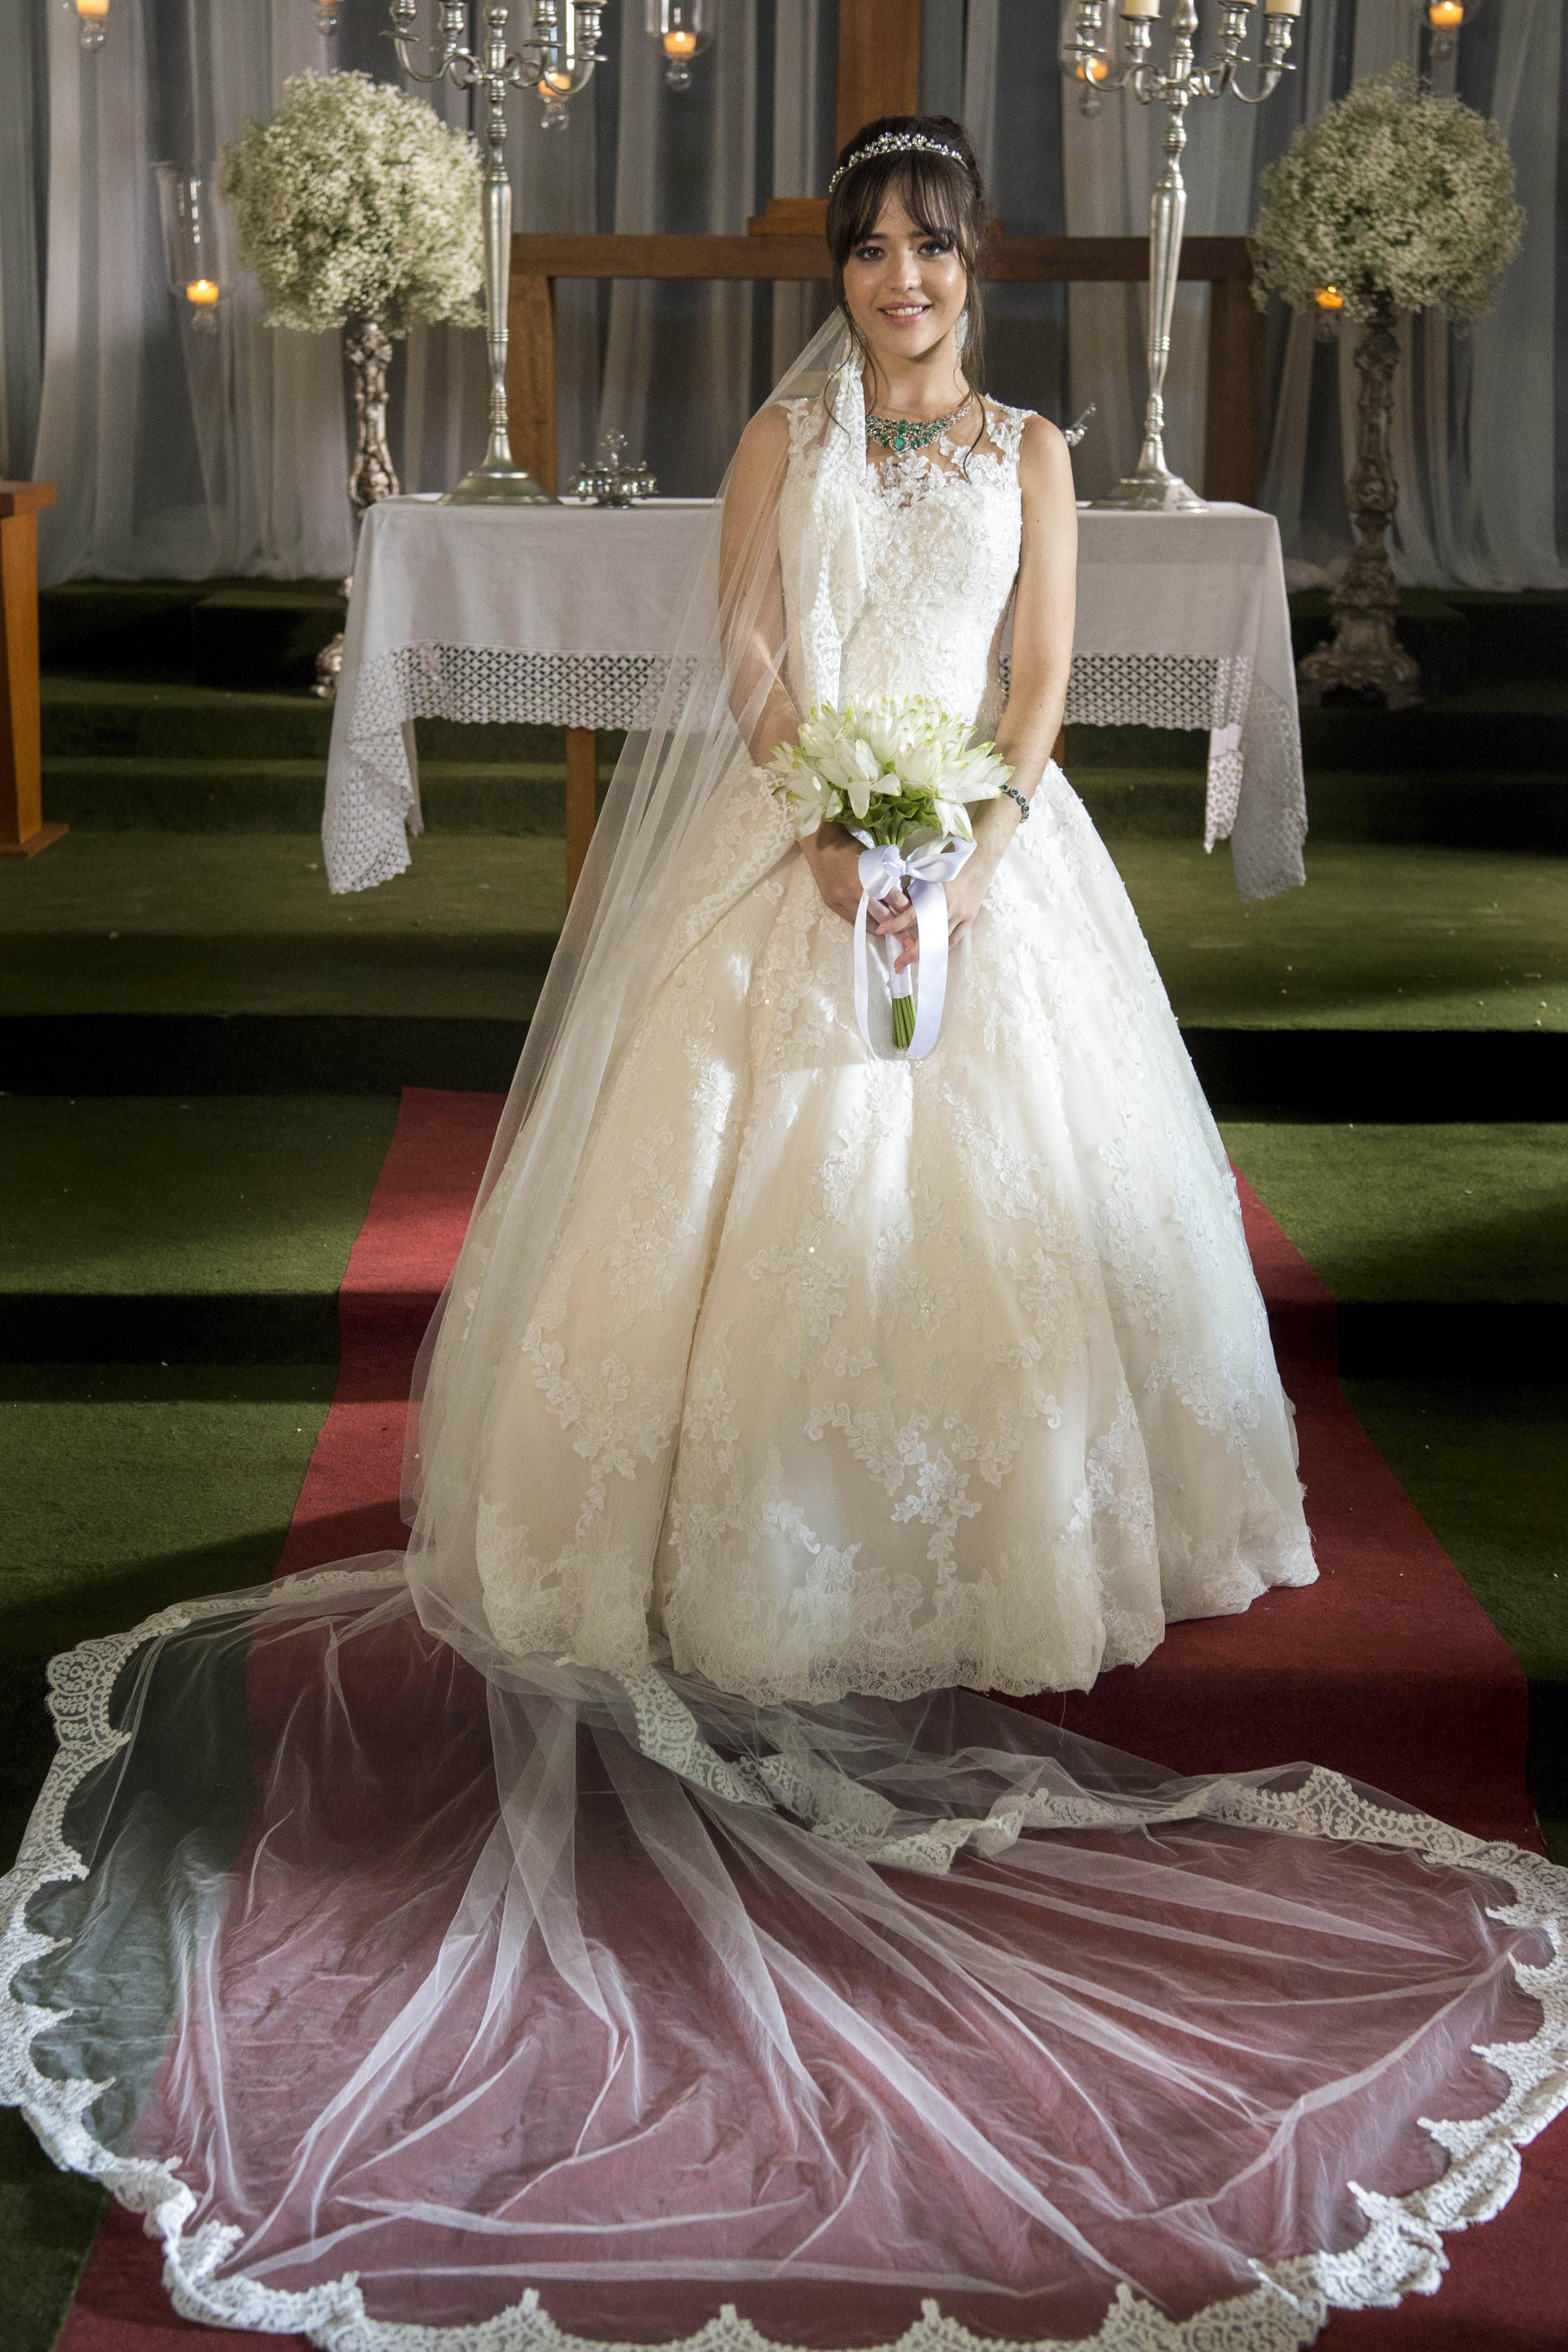 Laura (Bella Piero) escolhe um vestido de noiva rendado para casamento com  Rafael (Igor Angelkorte). Foto: Divulgação/TV Globo